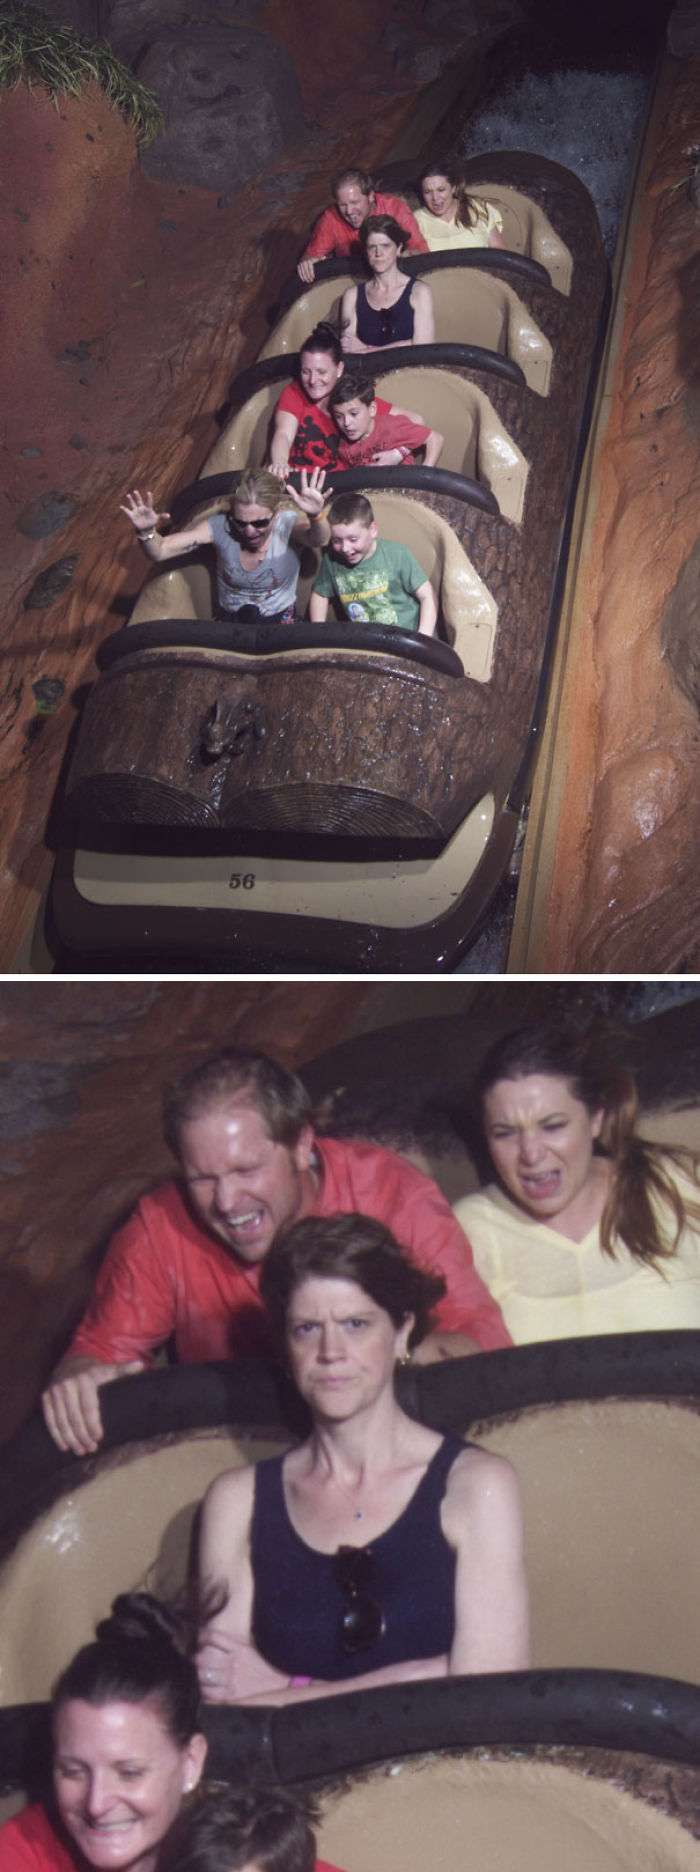 No quería montar ahí con mi esposa. Ella se molestó un poco